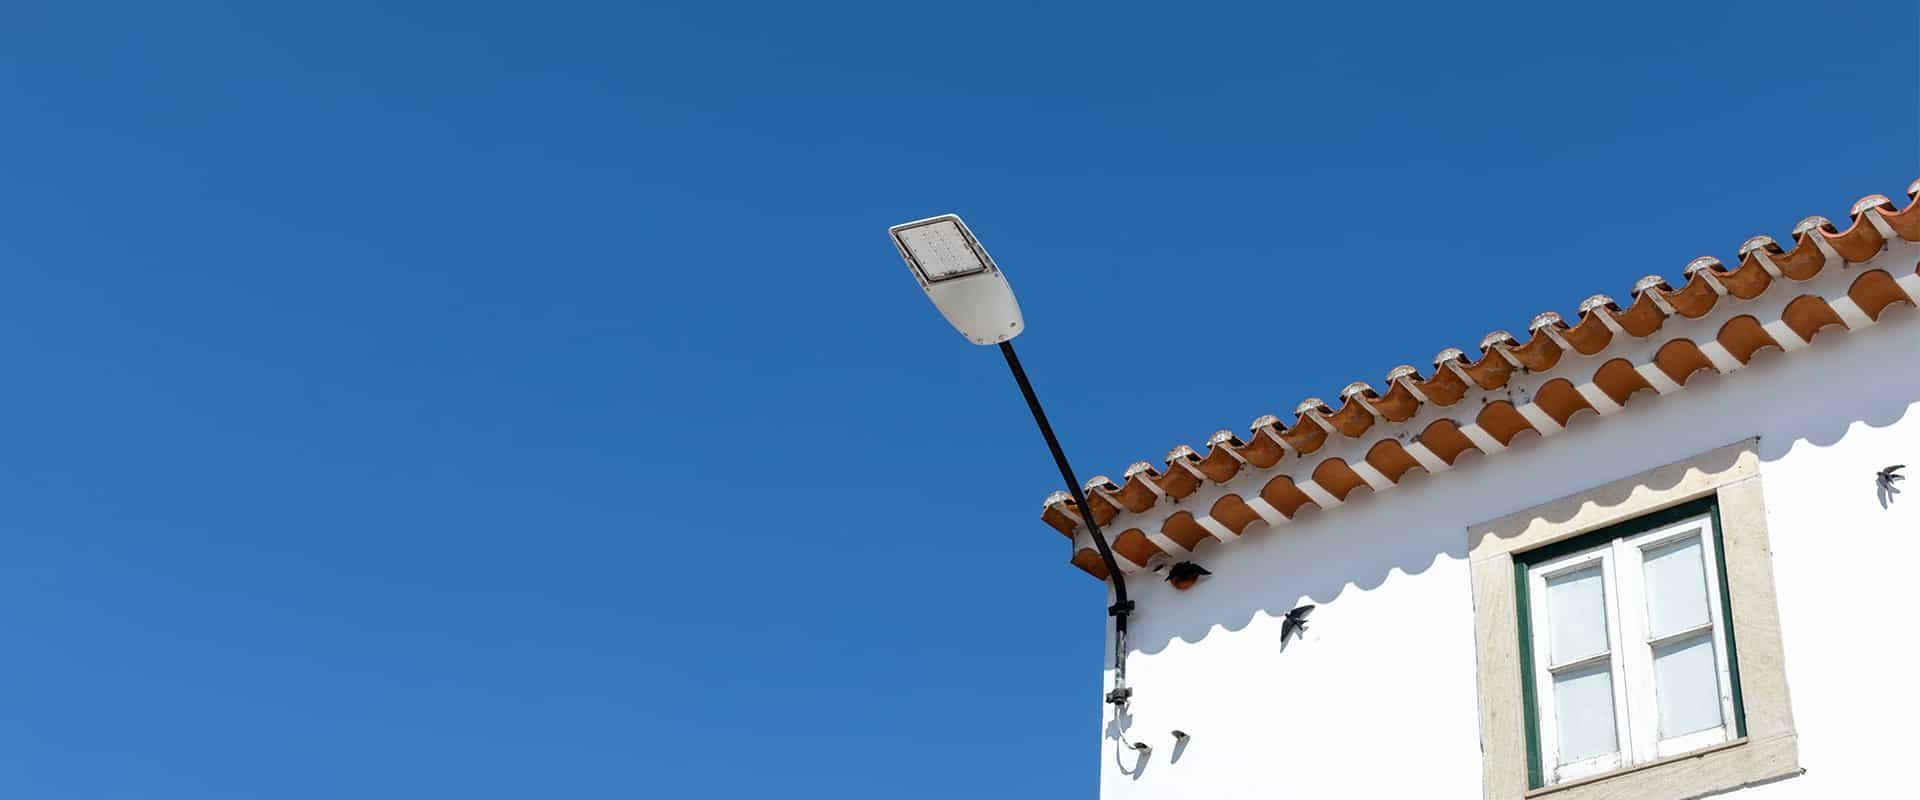 Arquiled Iluminação Pública LED - Projeto - Município Tomar